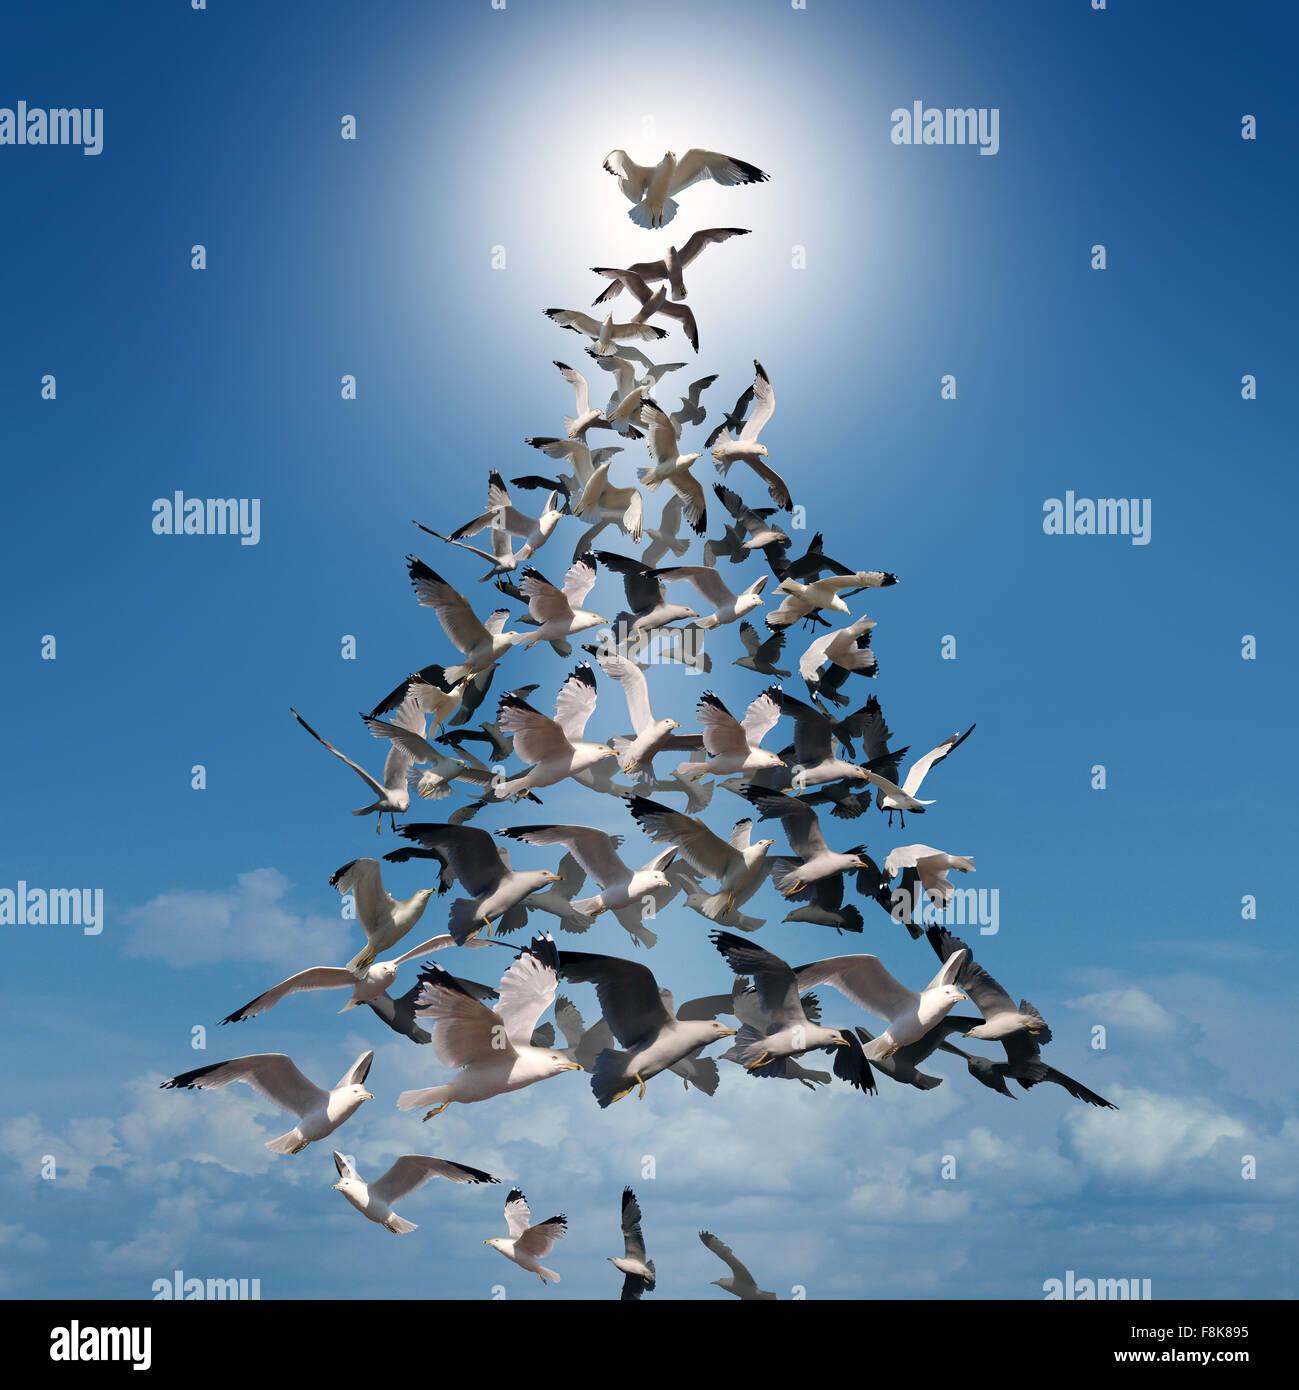 Holiday albero della speranza concetto spirituale come un gruppo di uccelli in volo in stile coordinato conformata Immagini Stock